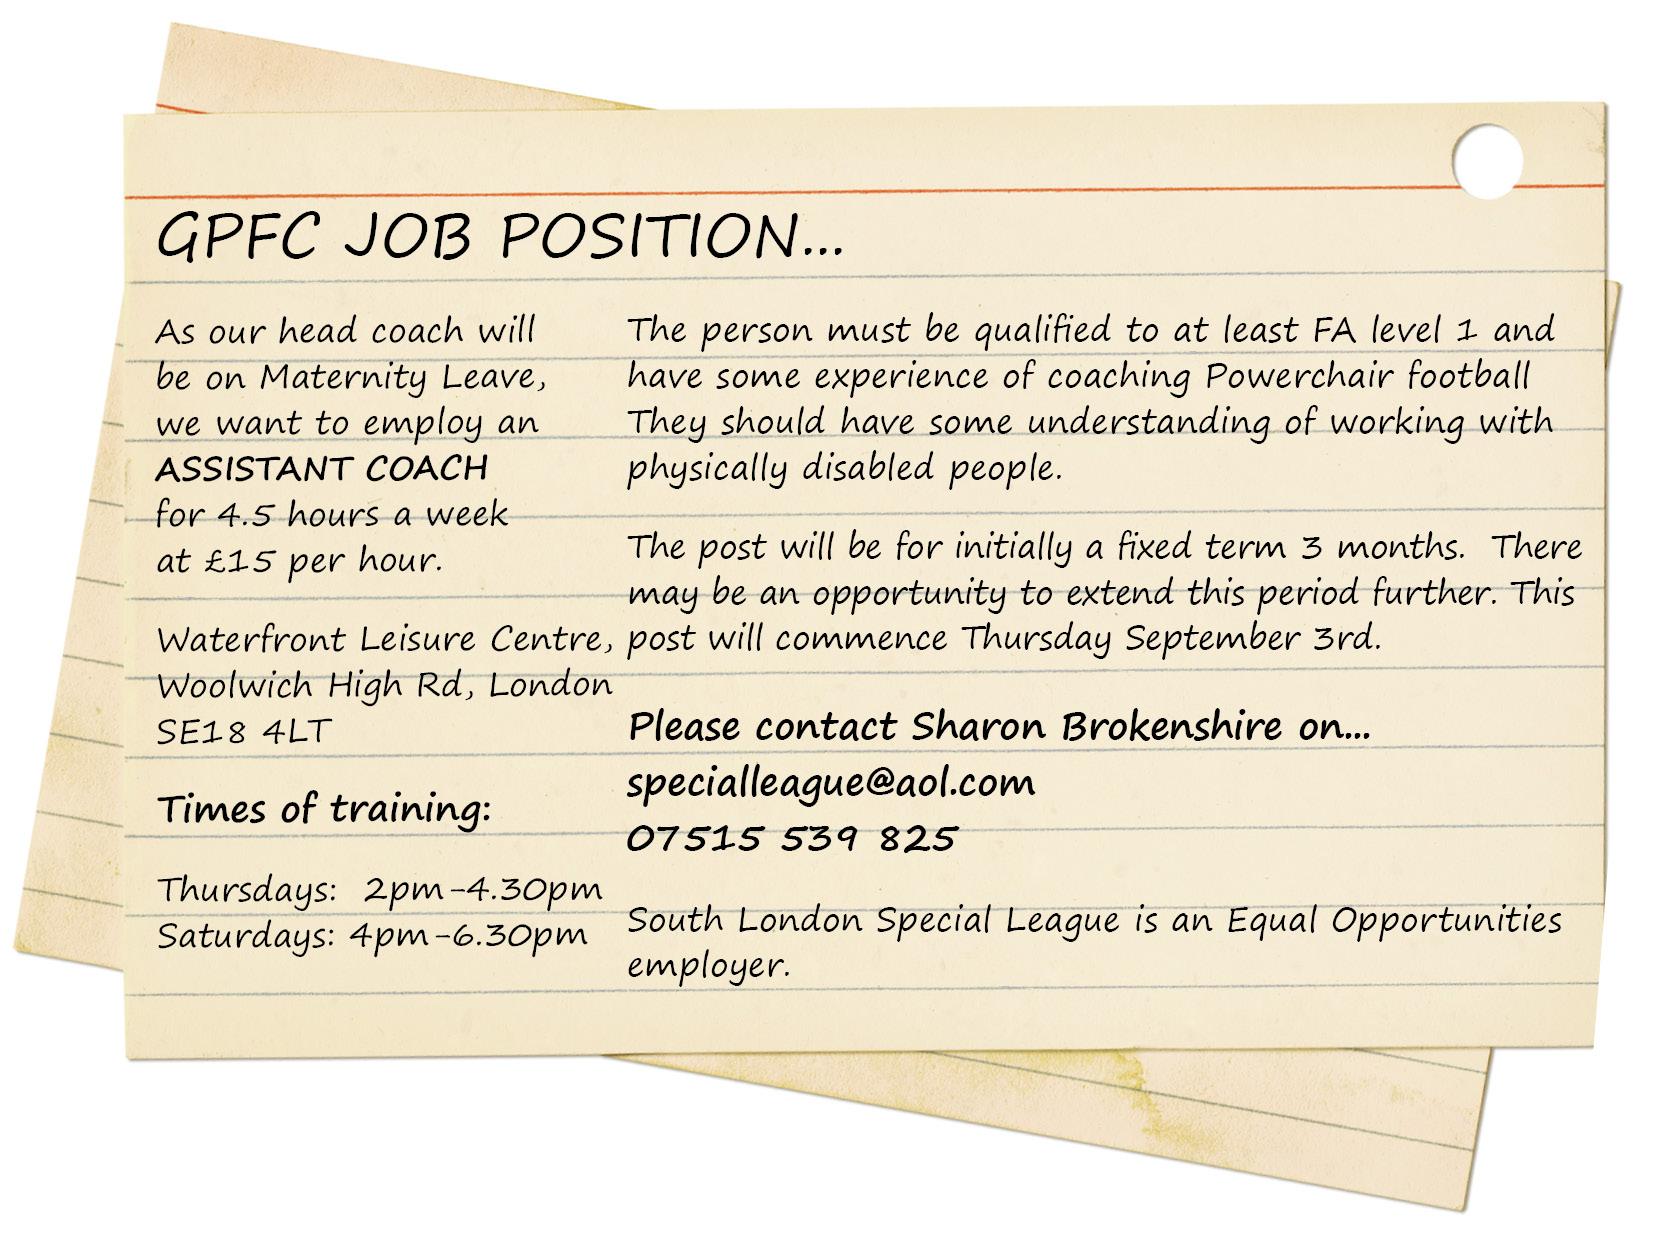 GPFC Job Vacancy